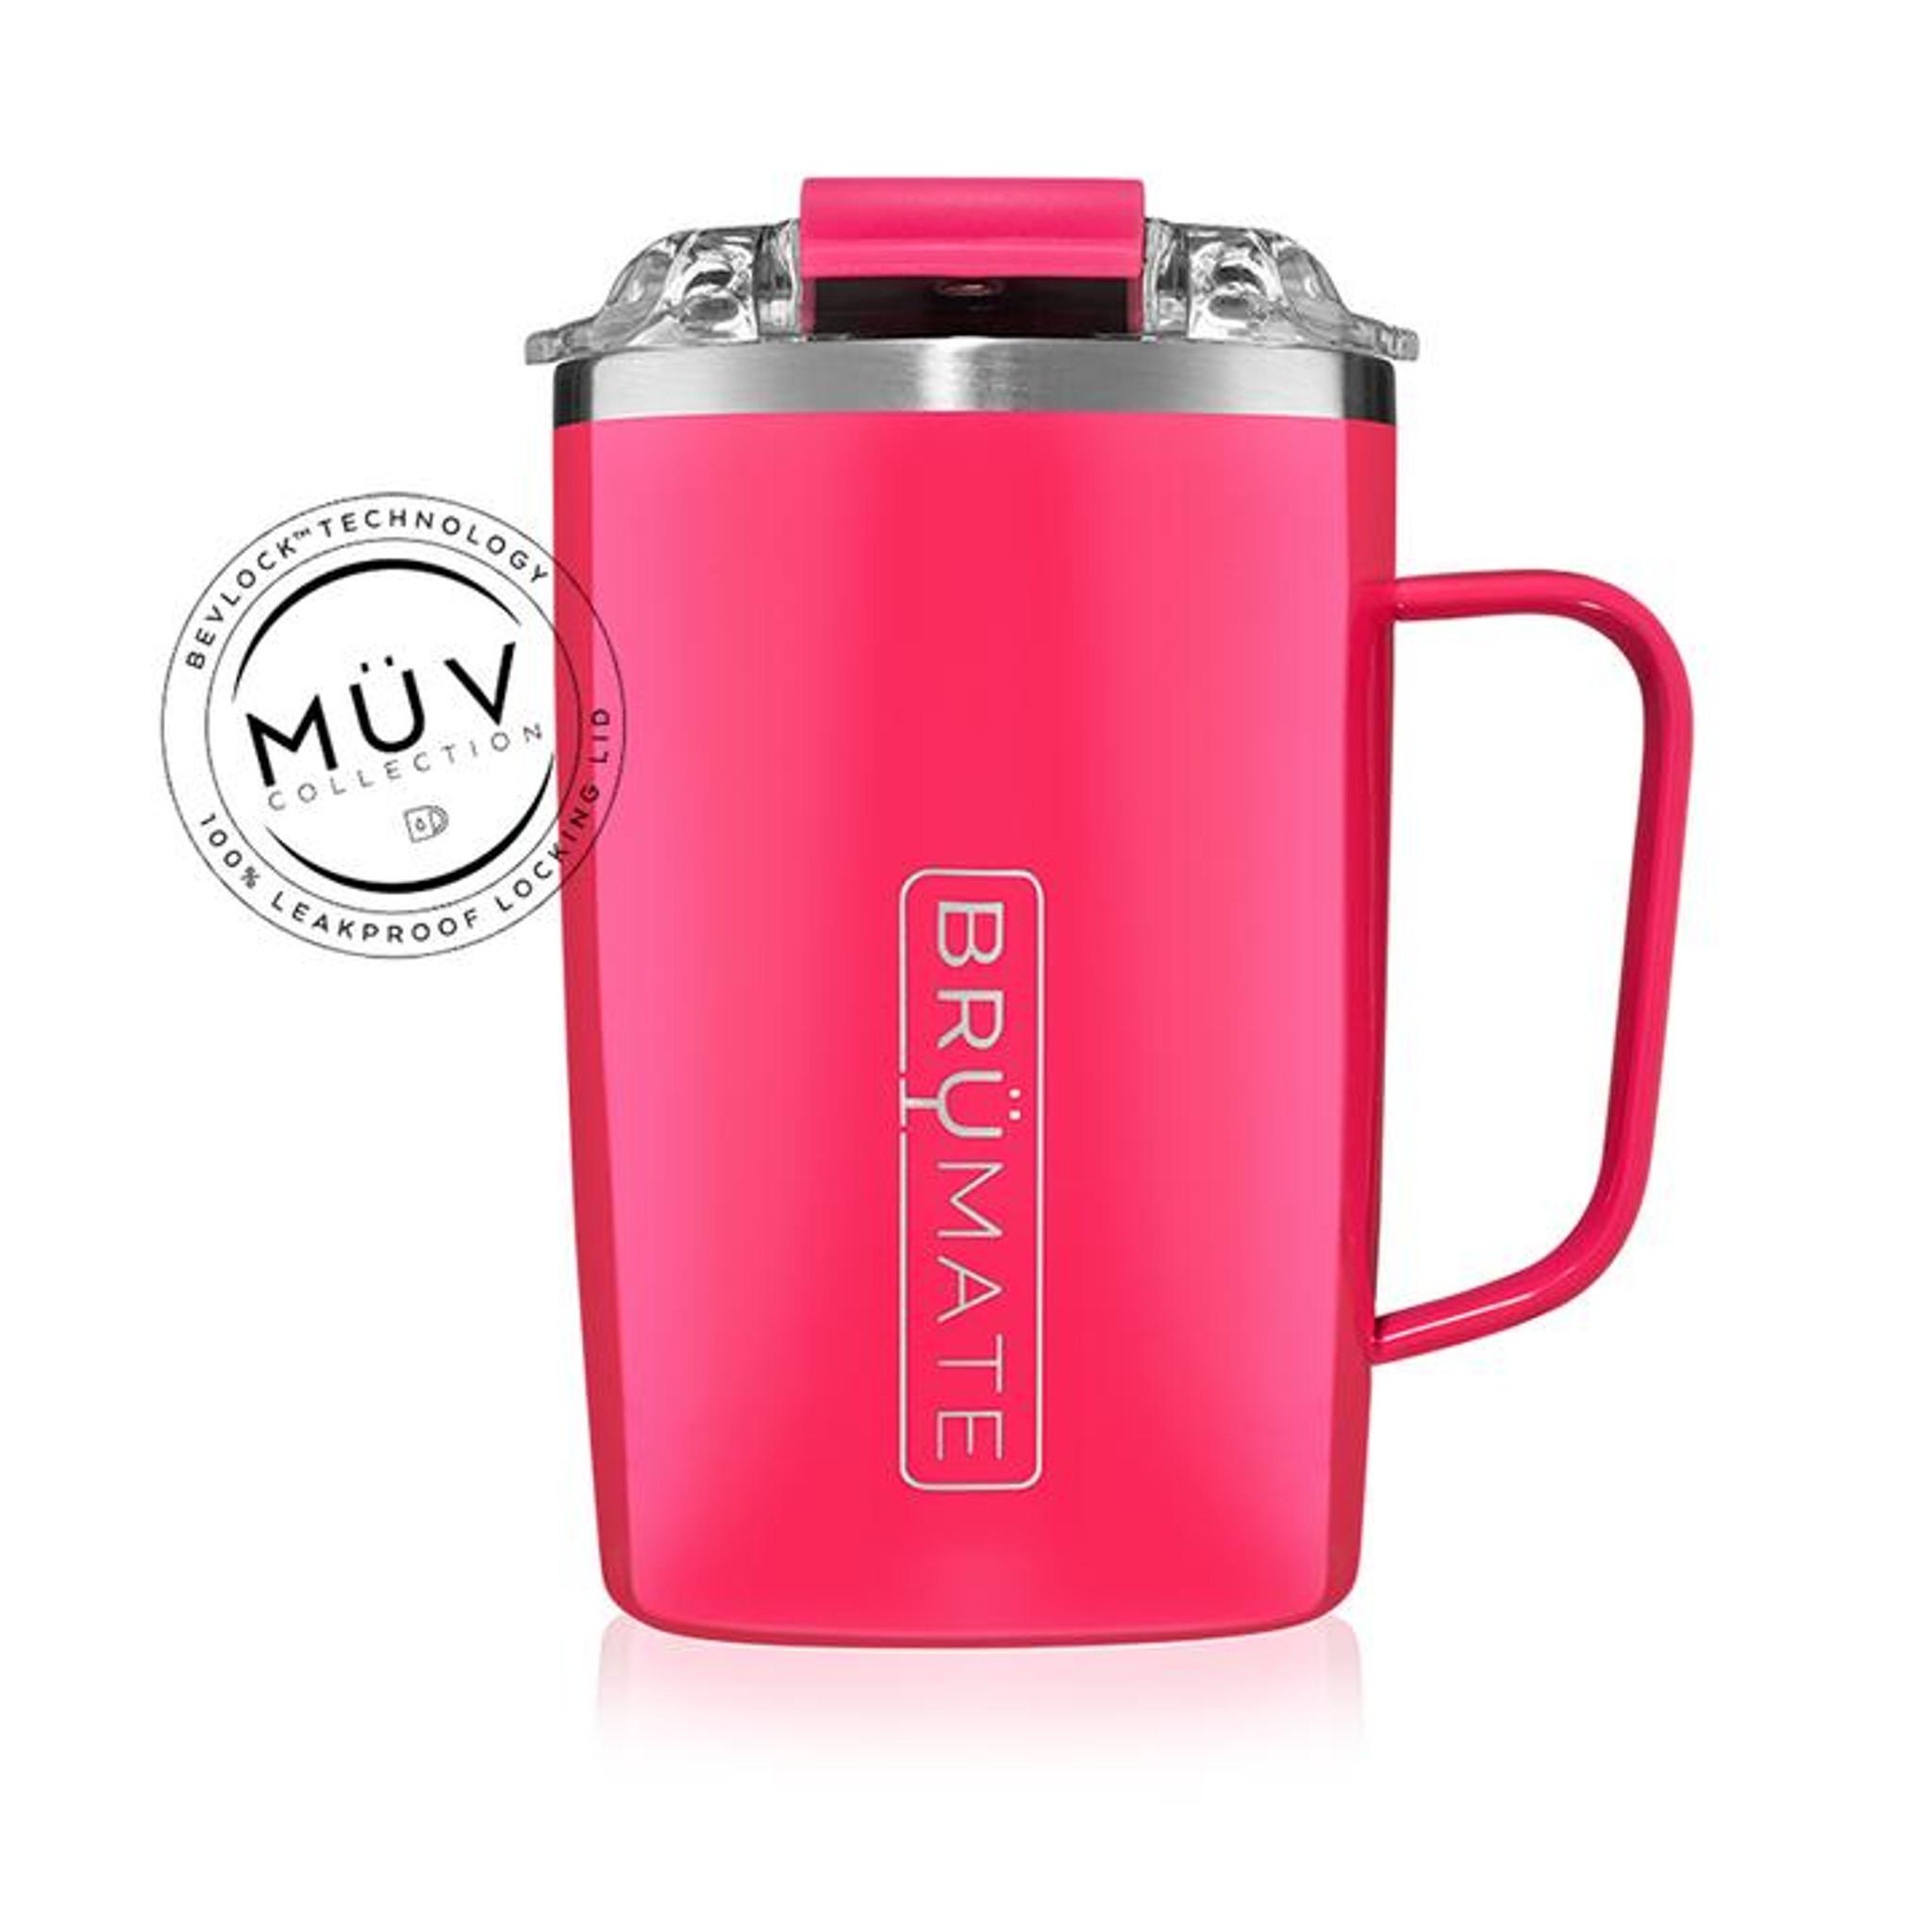 Brumate Toddy 16oz Mug - Neon Pink